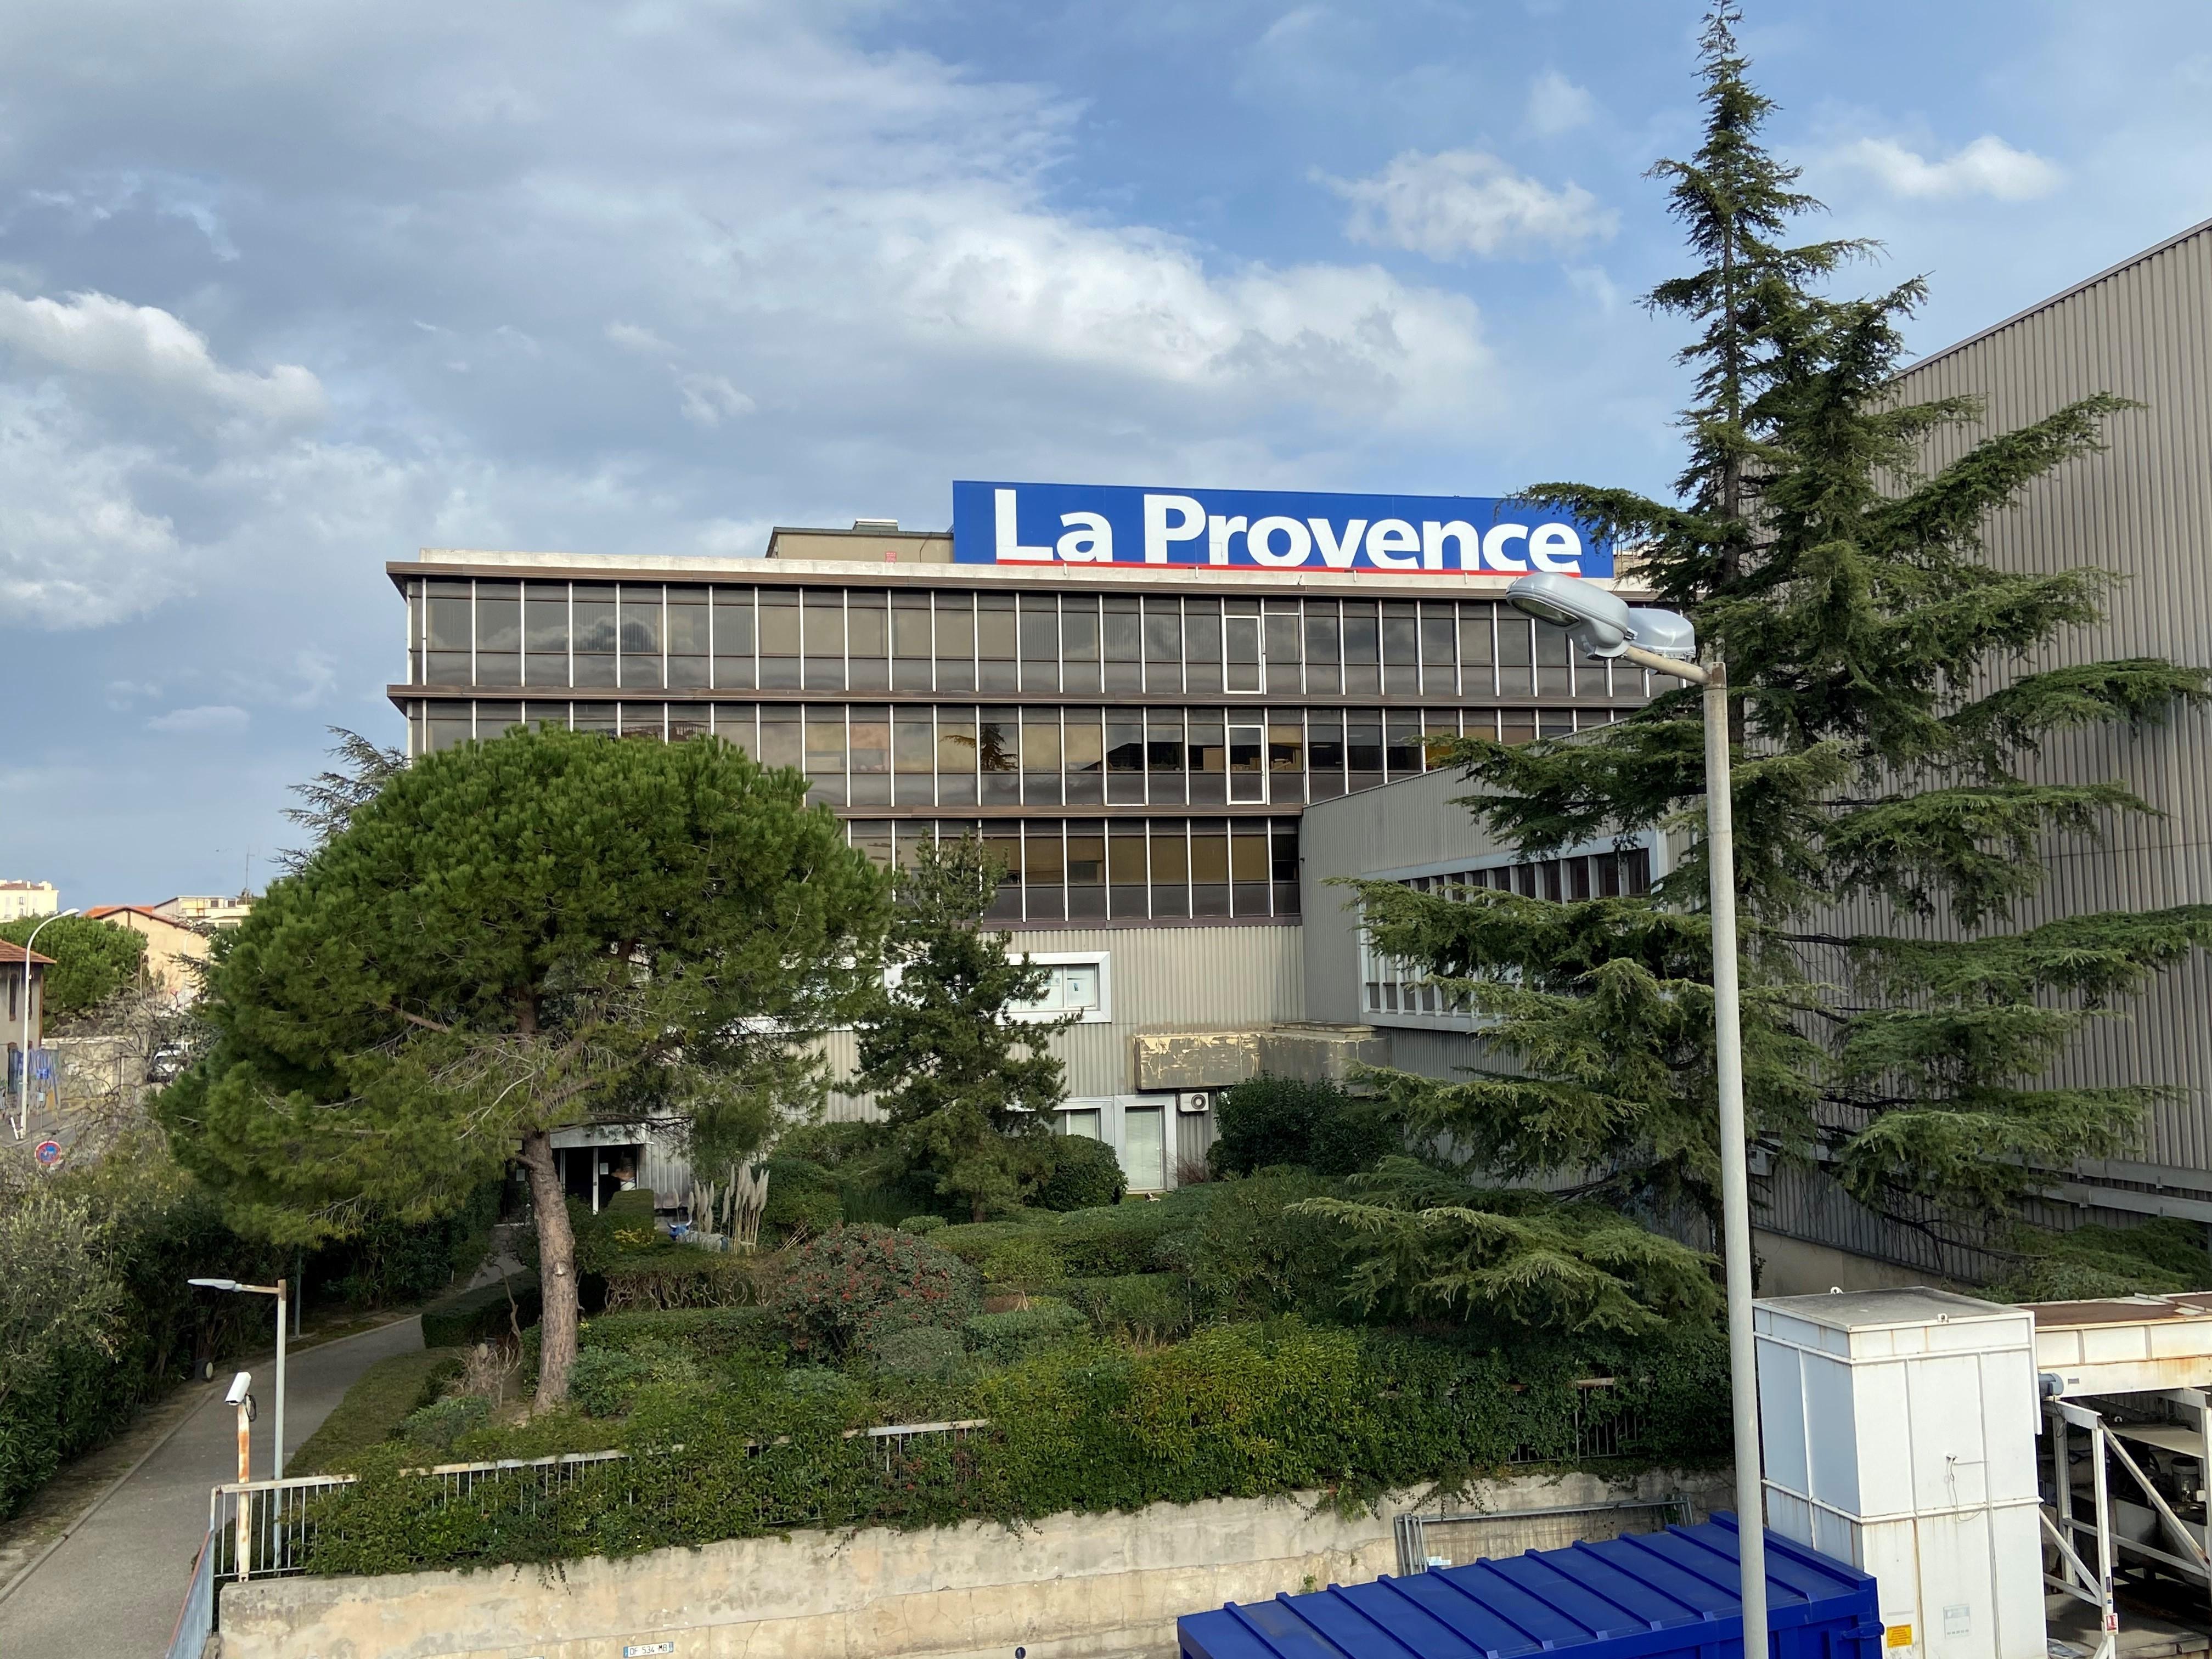 En direct du journal La Provence !